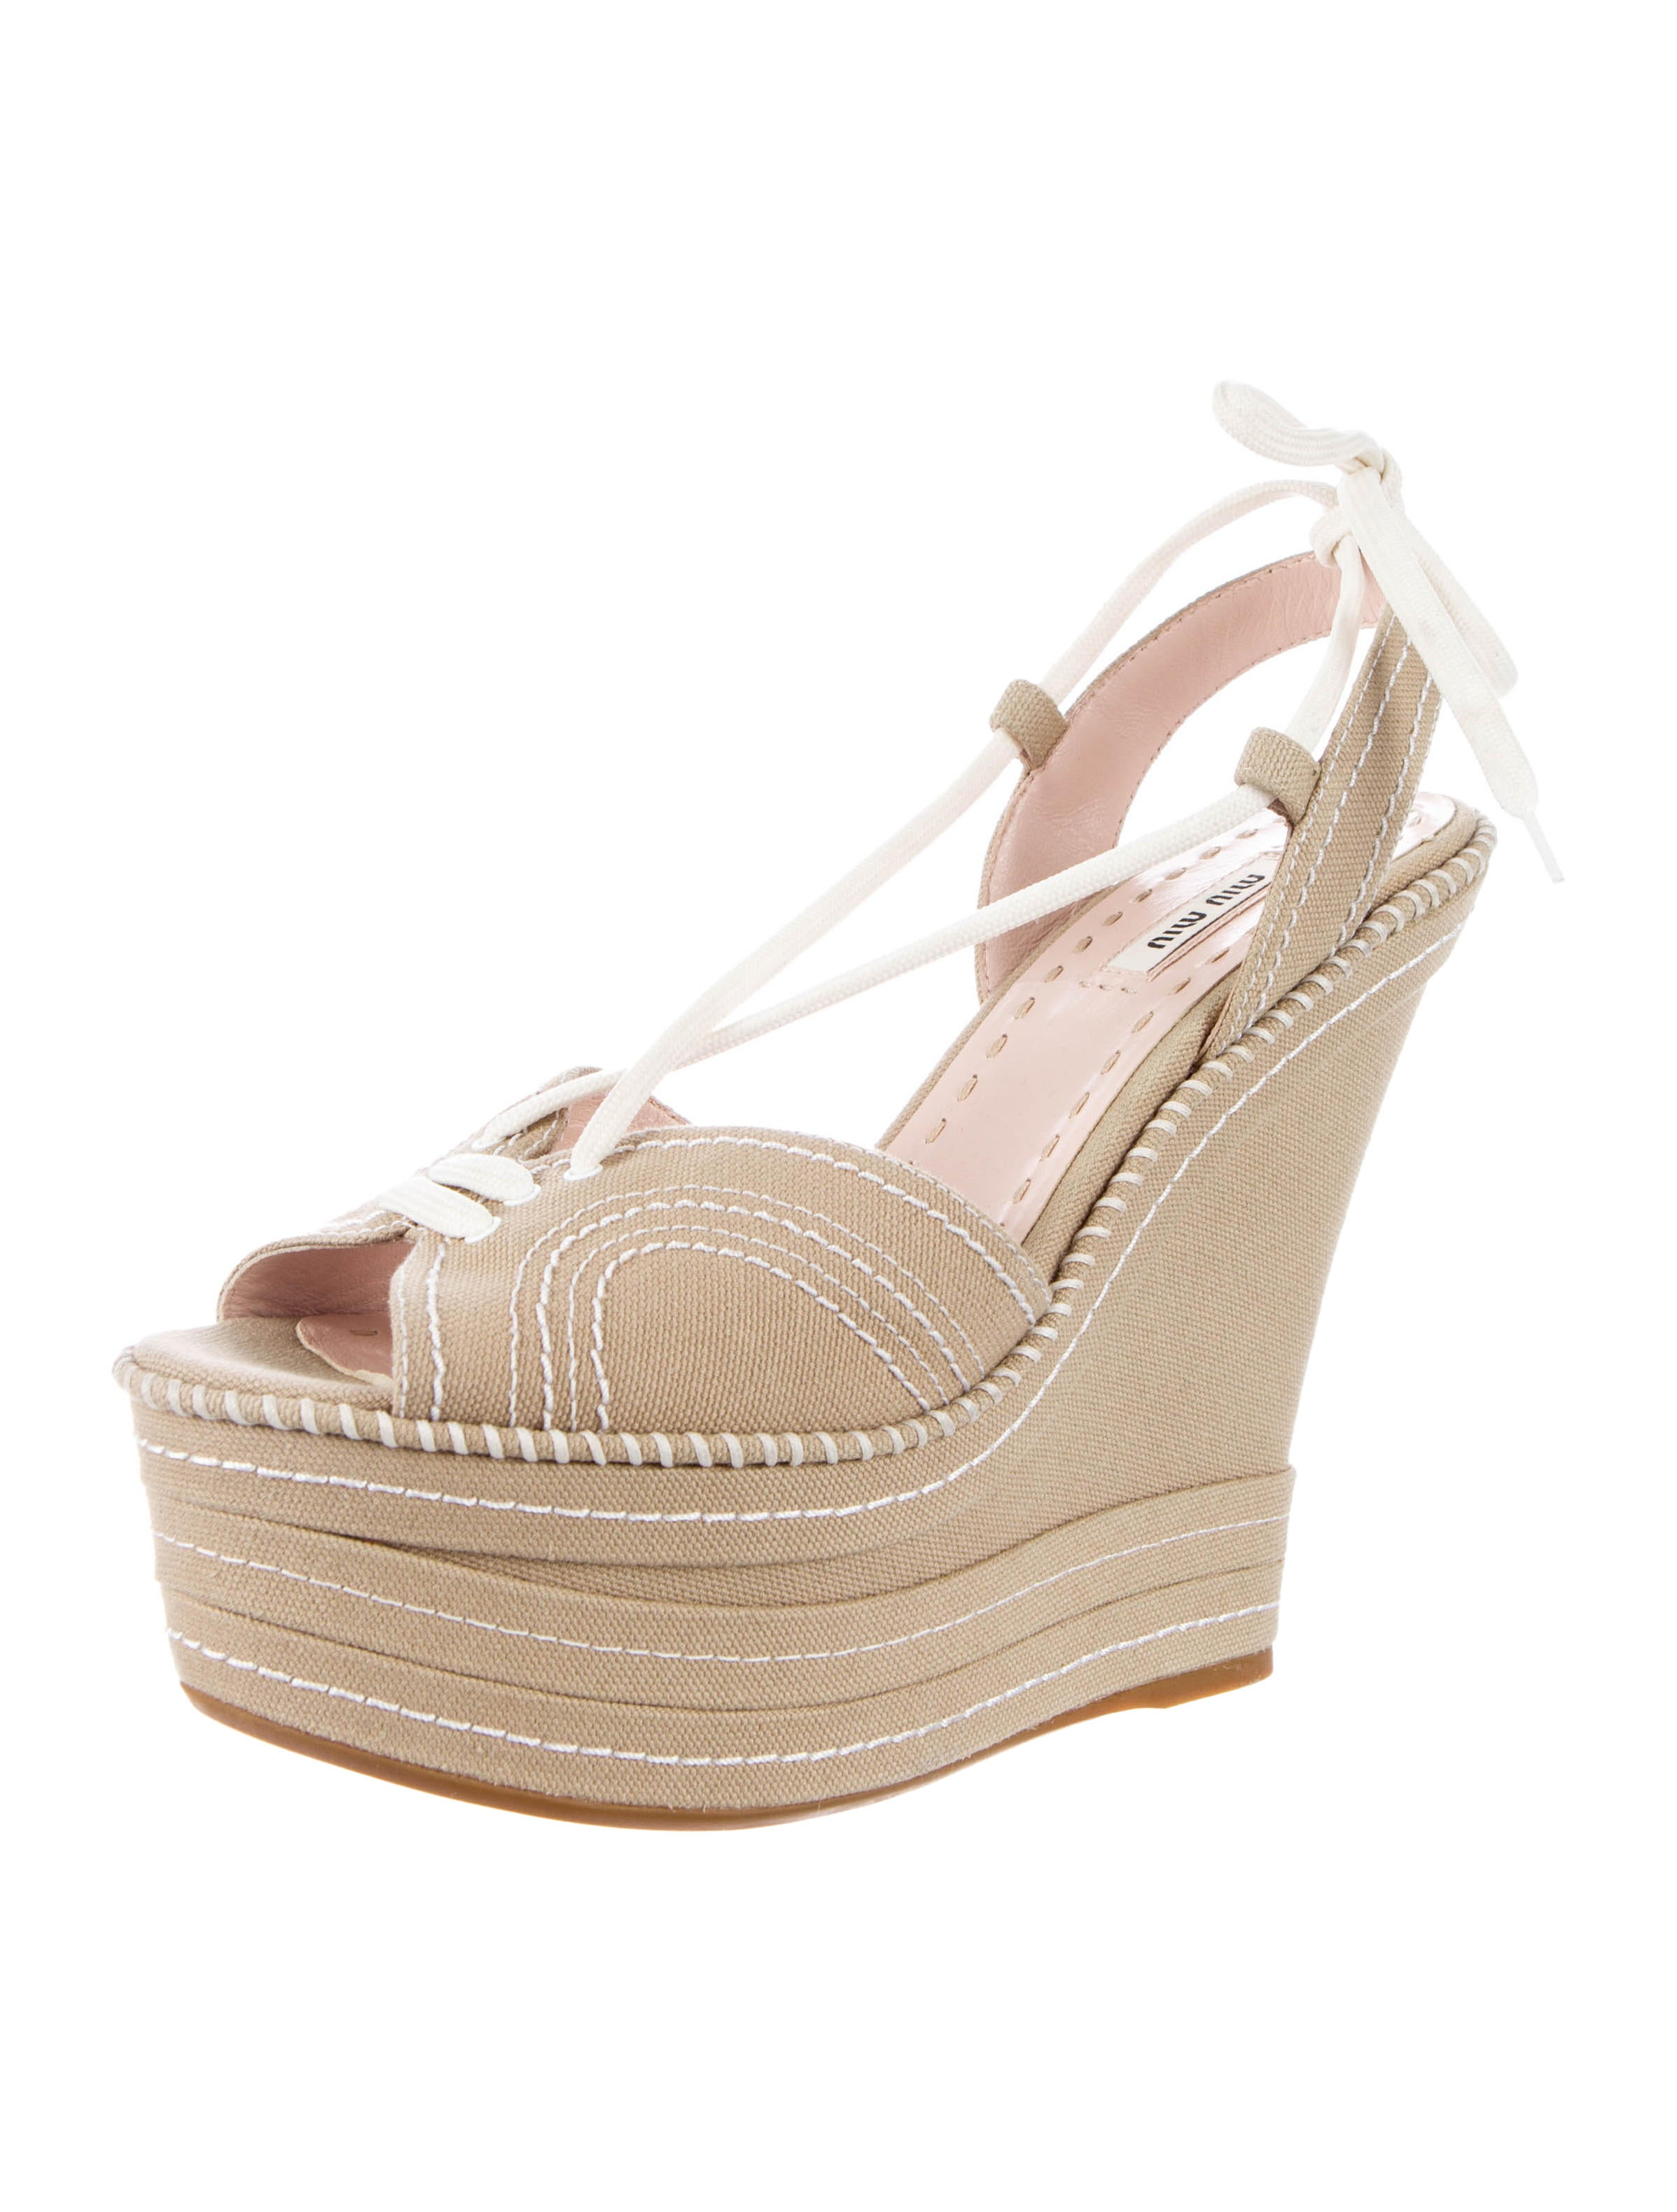 miu miu platform sandals shoes miu30622 the realreal